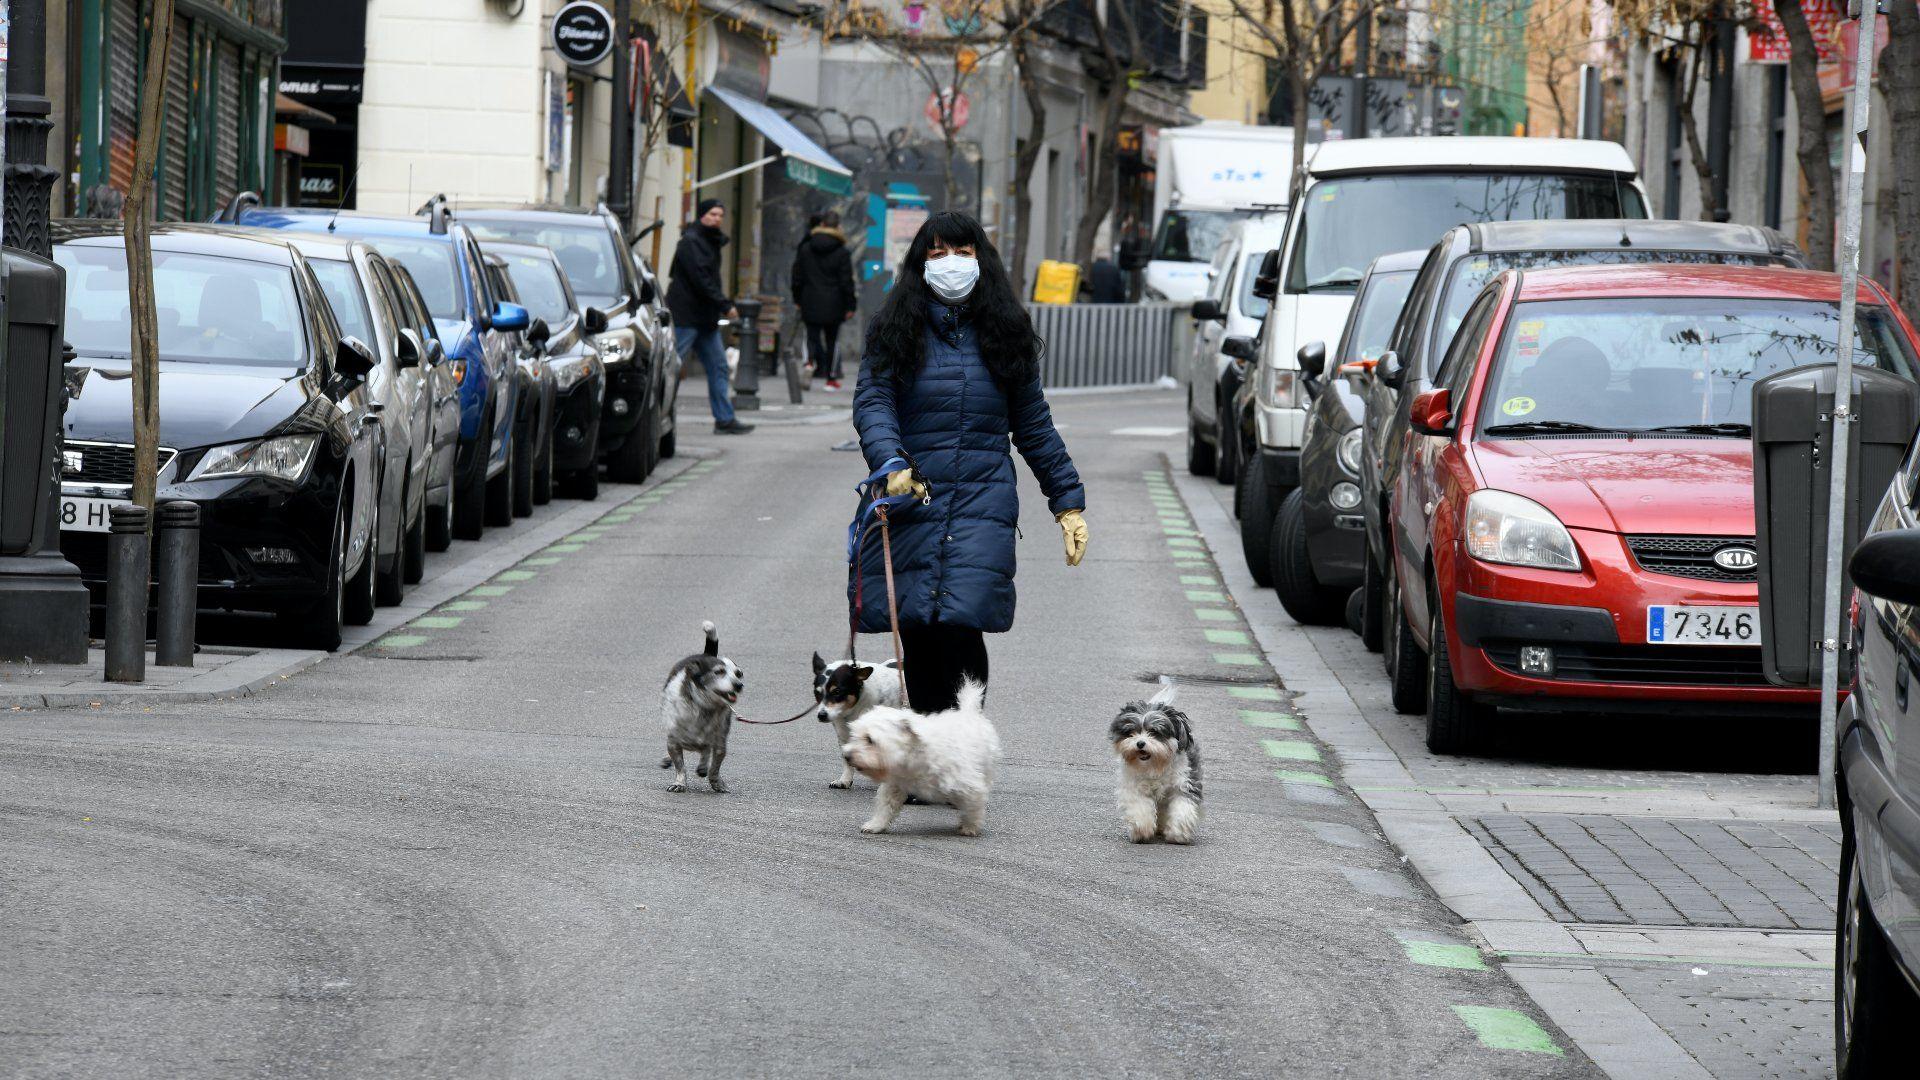 Egy nő védőmaszkban sétáltat kutyákat a spanyolországi Madridban 2020. március 18-án. (Fotó: Juan Carlos Lucas/NurPhoto)